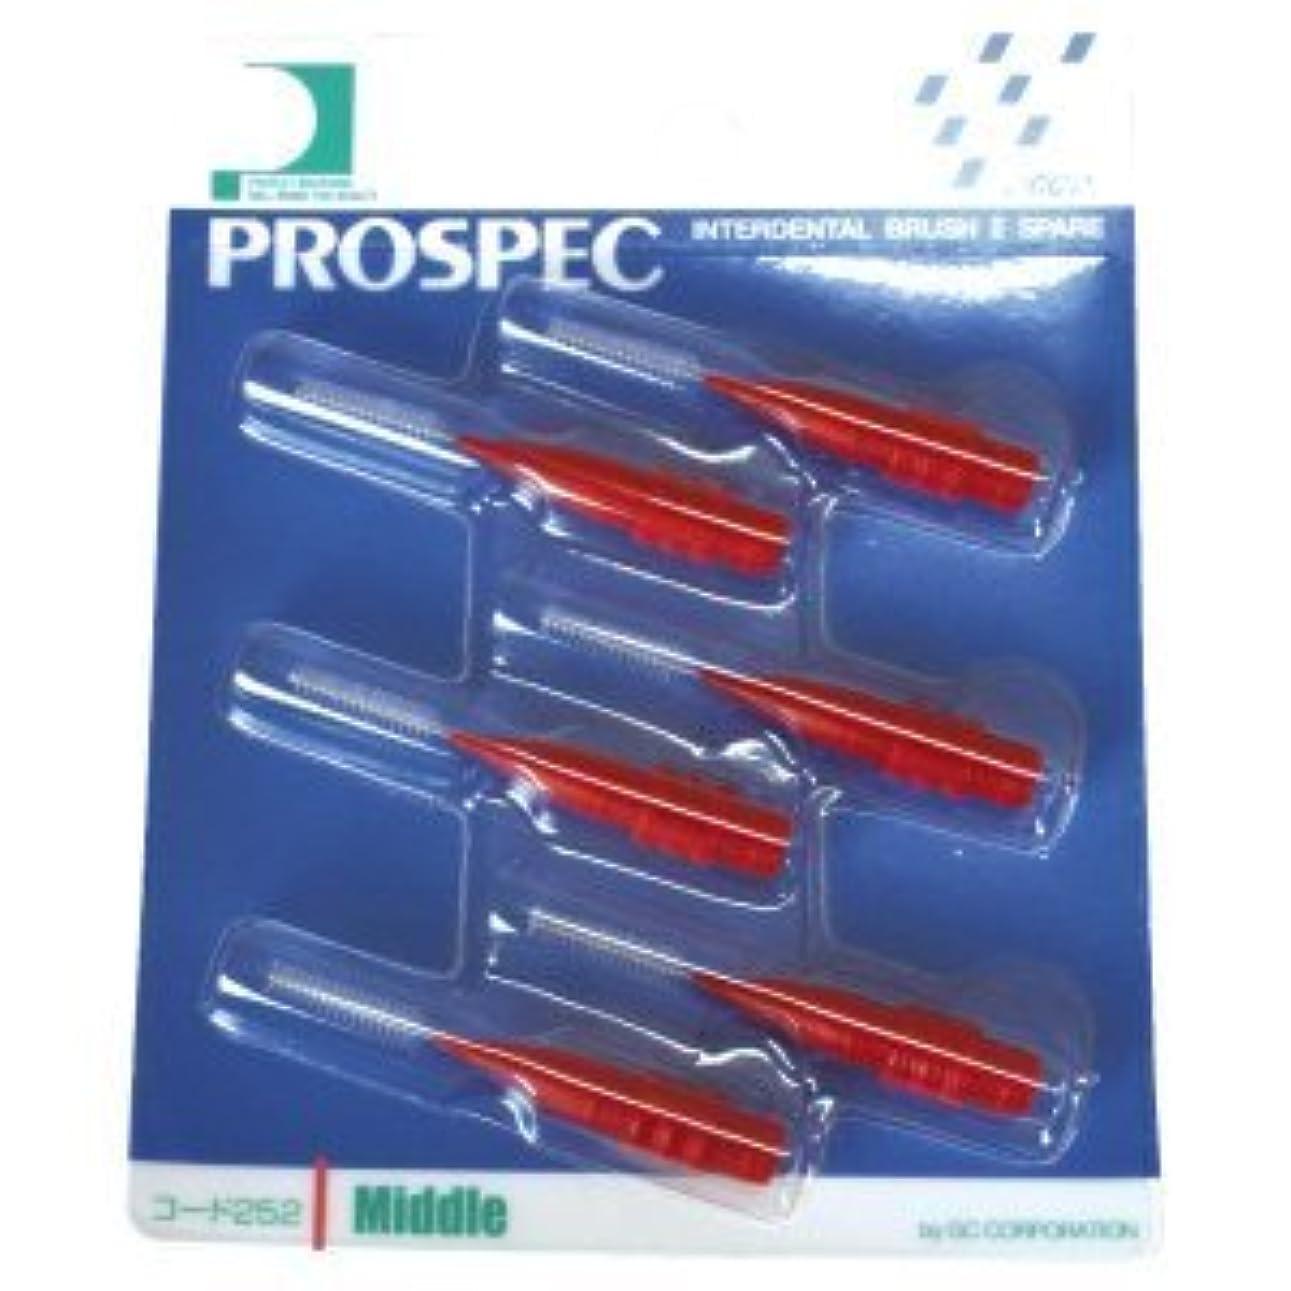 キャンパス置換ドレインプロスペック 歯間ブラシII スペアー/M/1パック(6本入り)